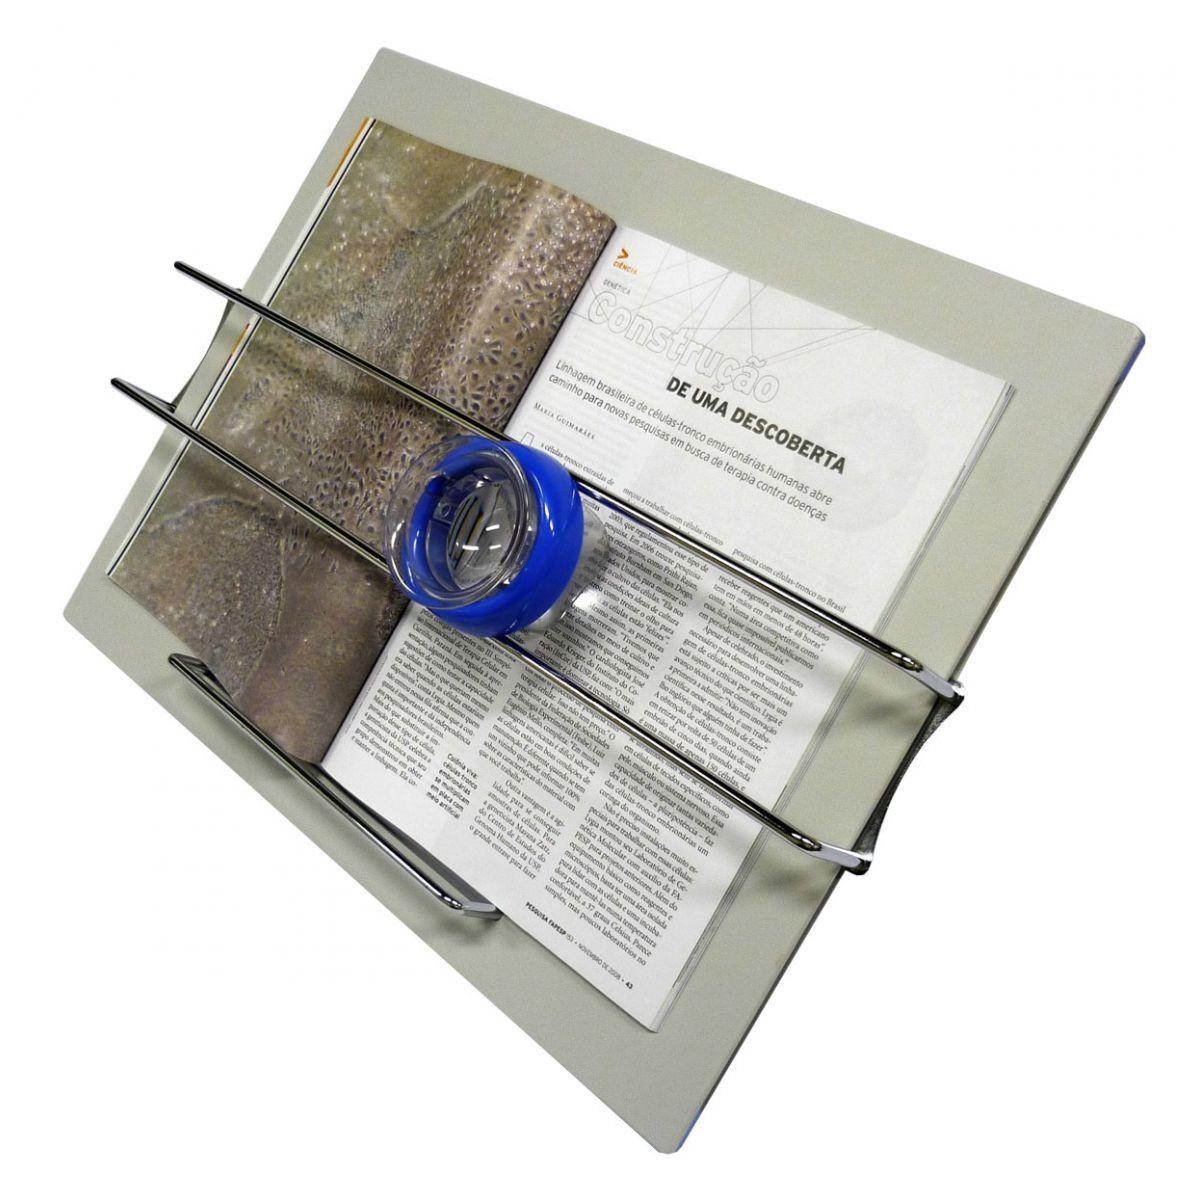 Prancha de Leitura com Lupa Deslizante 6X